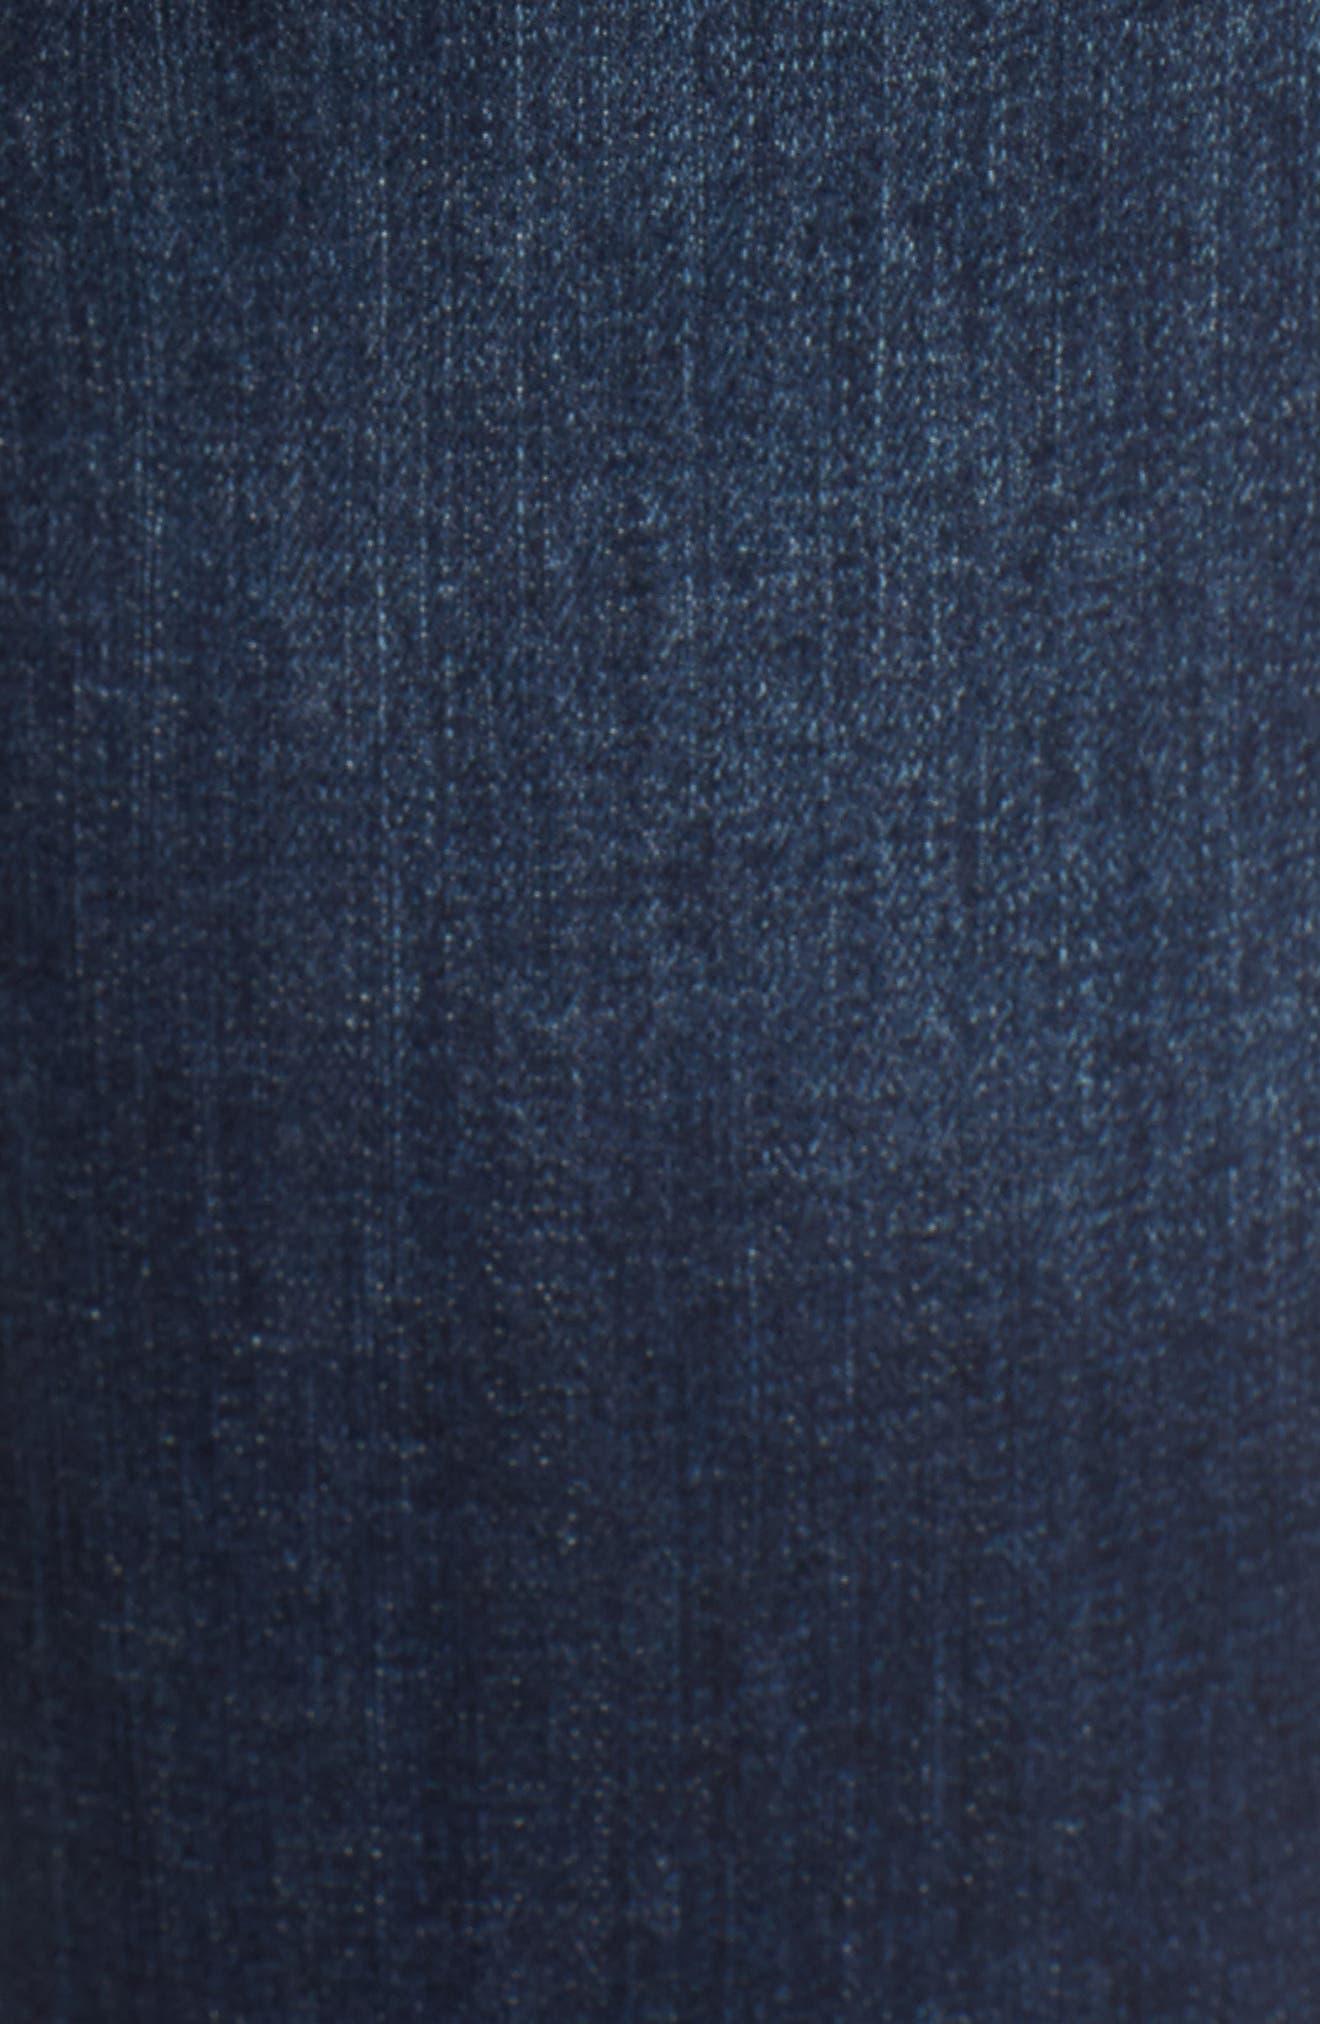 Flexellent Embroidered Boyfriend Jeans,                             Alternate thumbnail 5, color,                             Blue